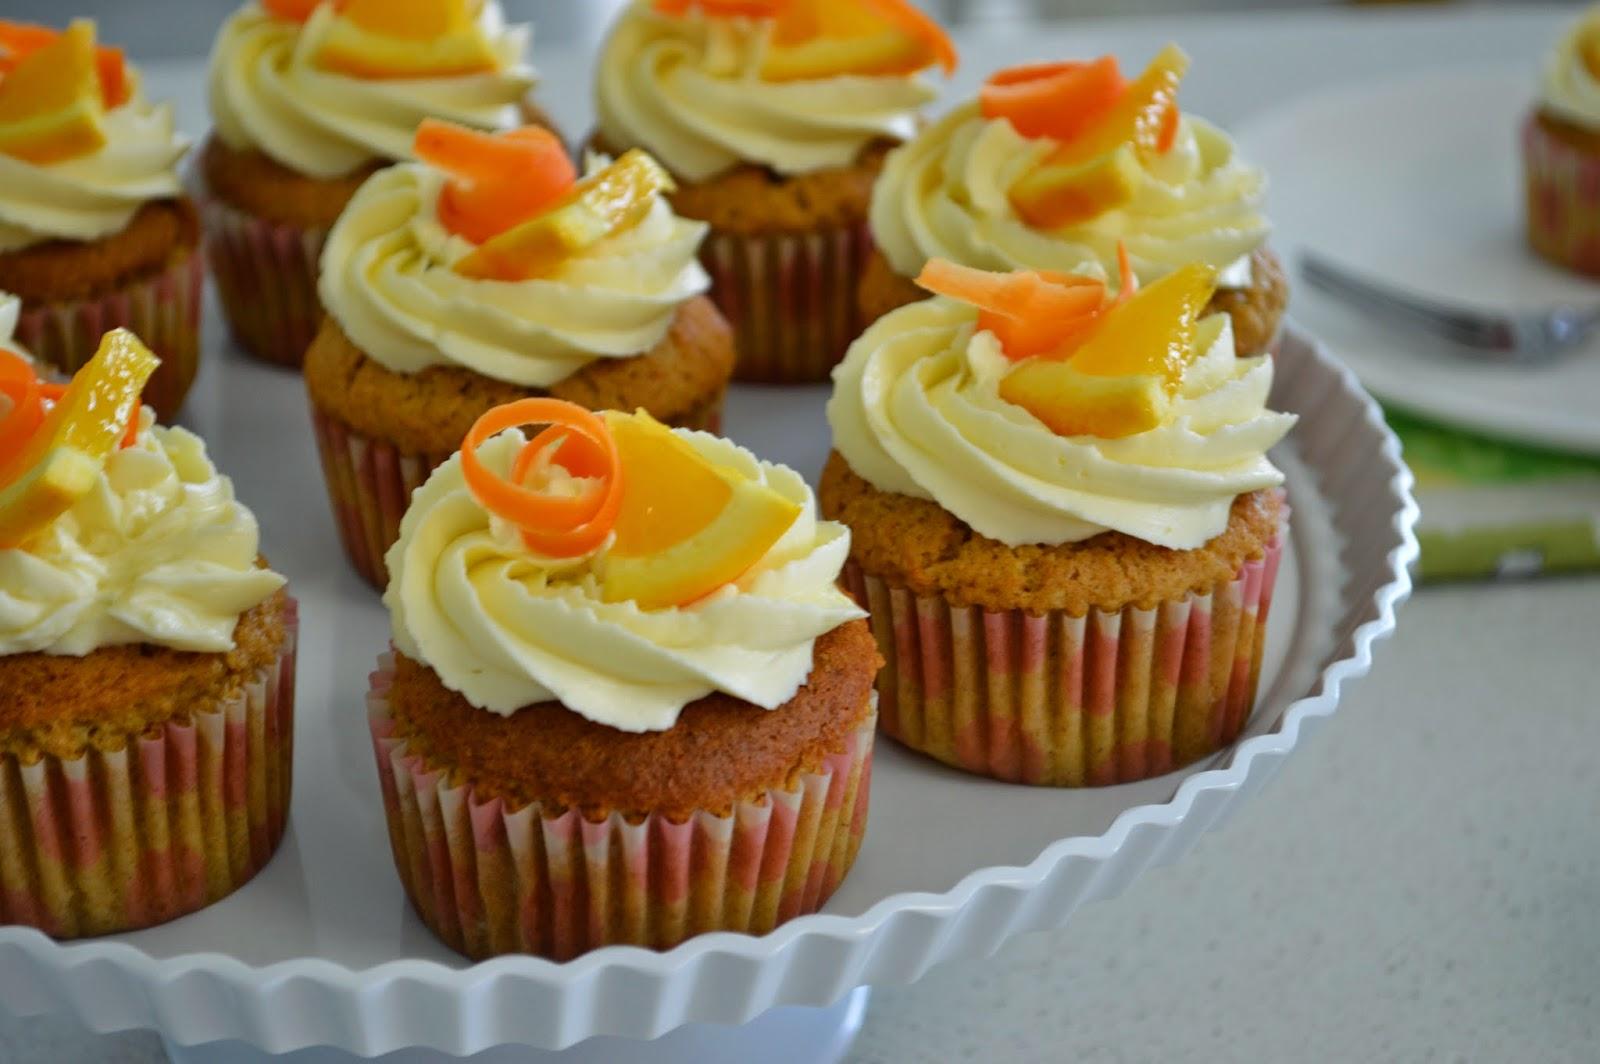 Blue Kangaroo Handmade: Carrot cupcakes / Mrkvové cupcakes